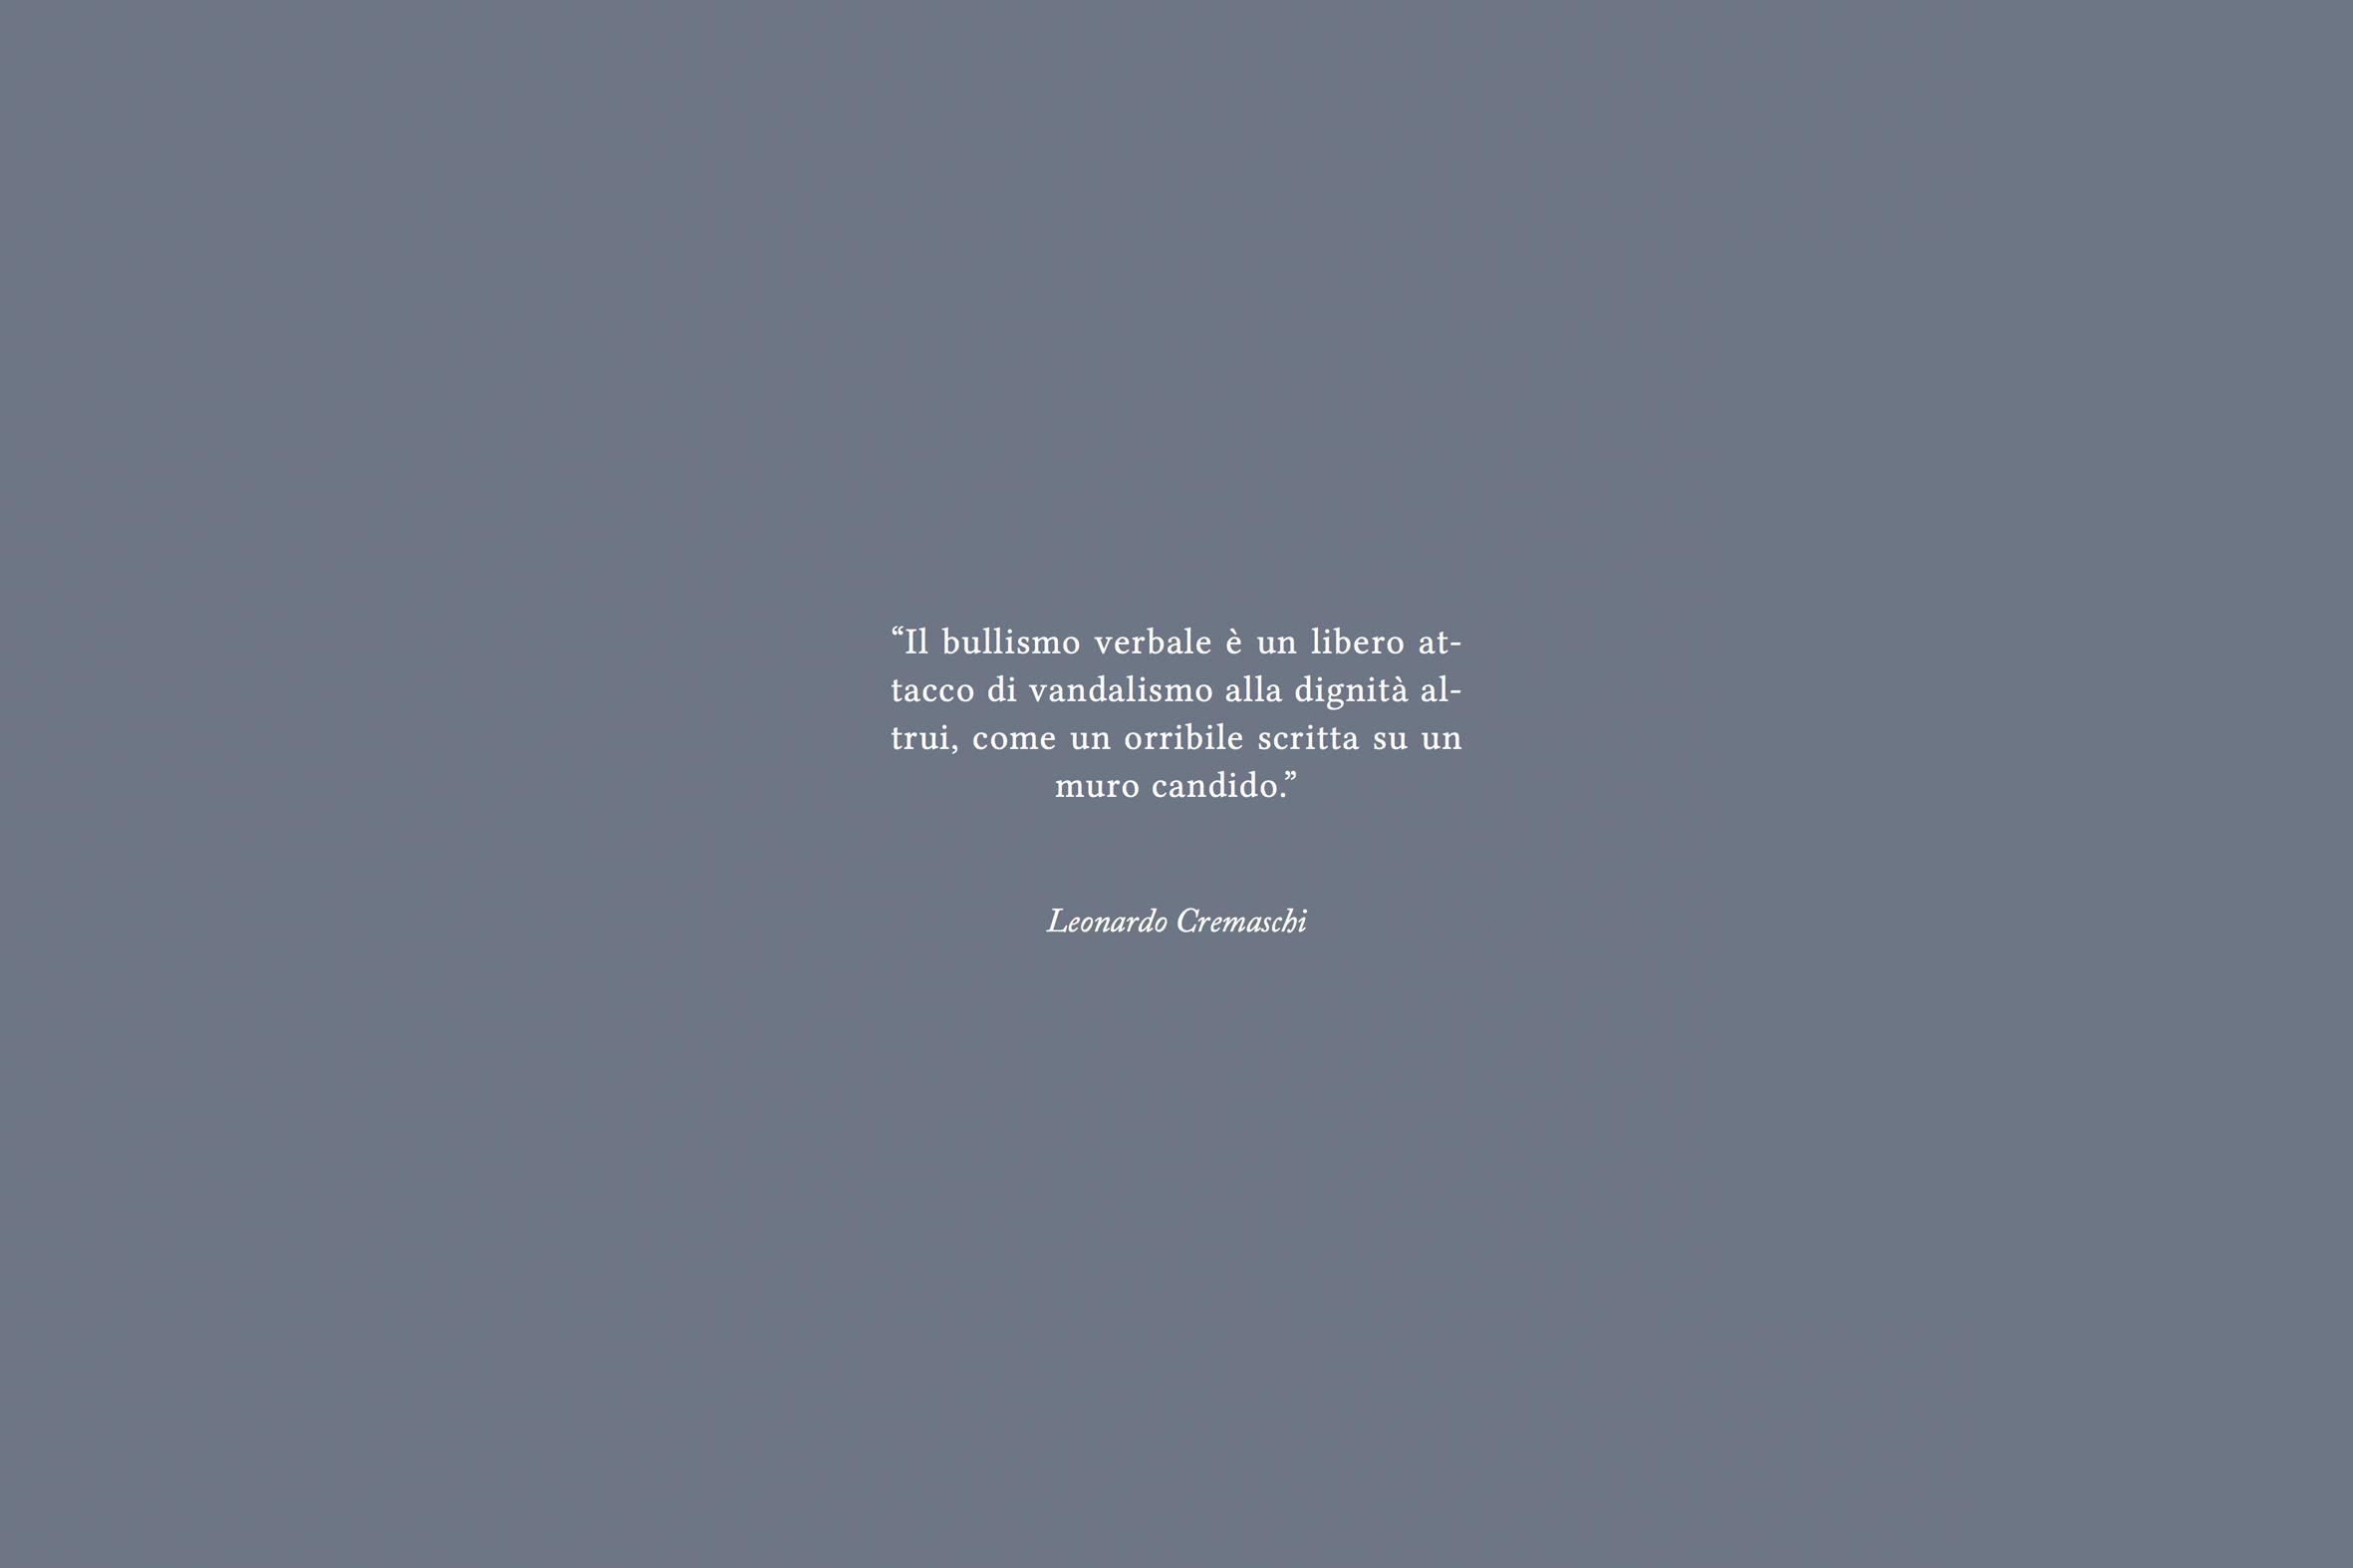 6. LEONARDO